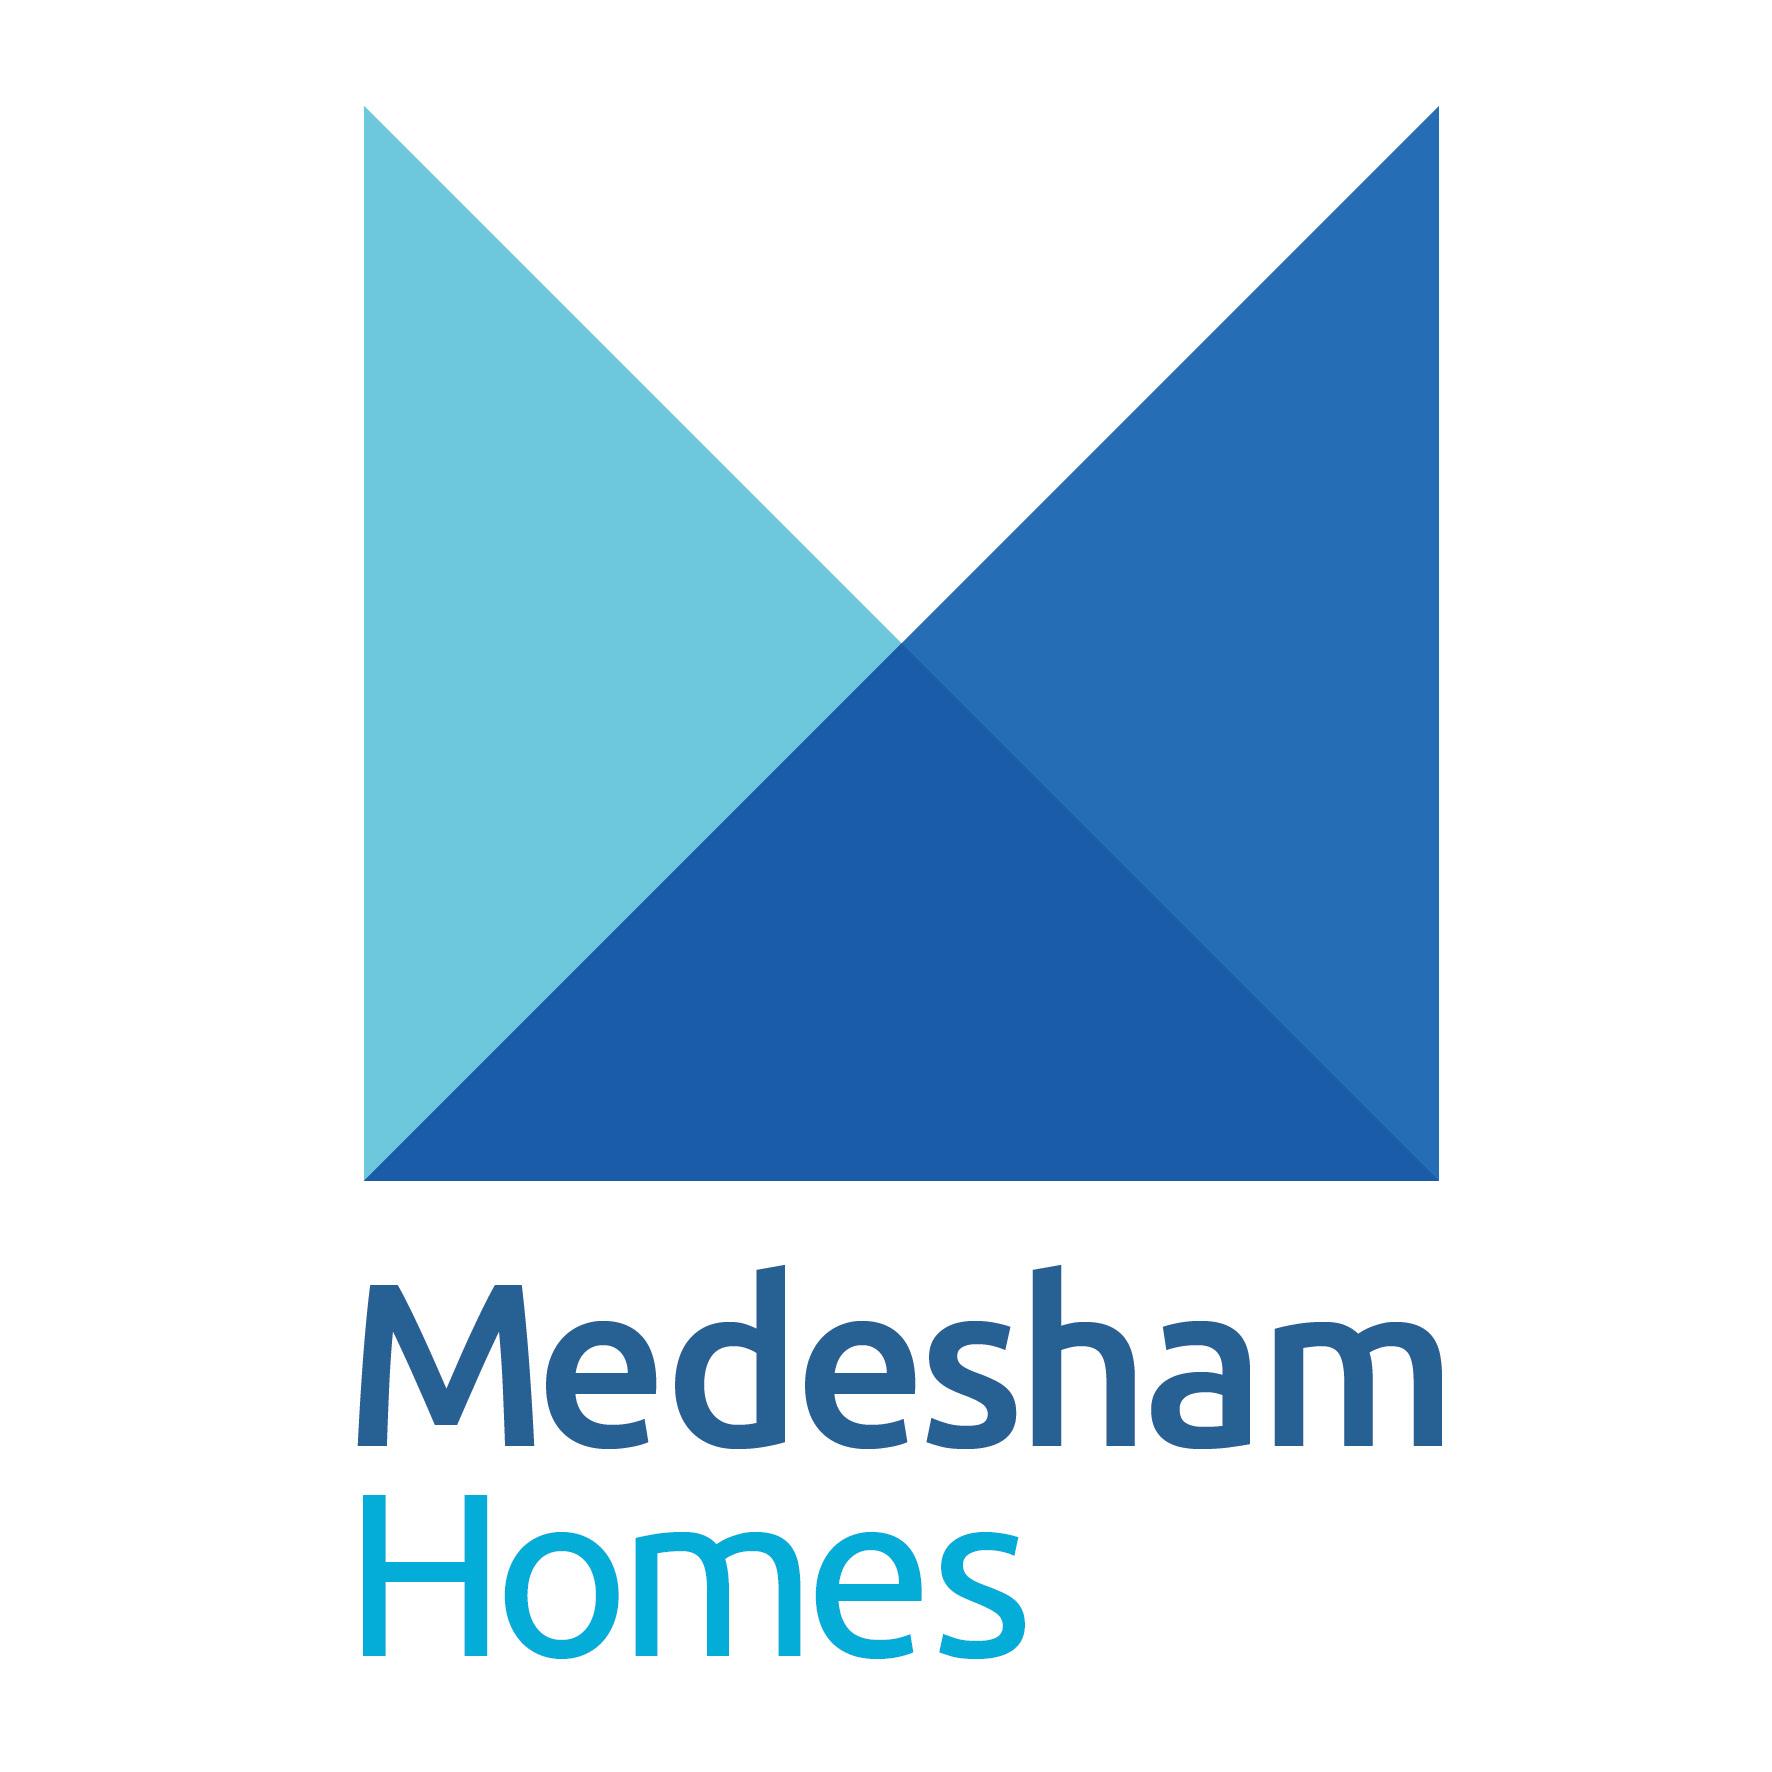 Works begin on new development site for Medesham Homes